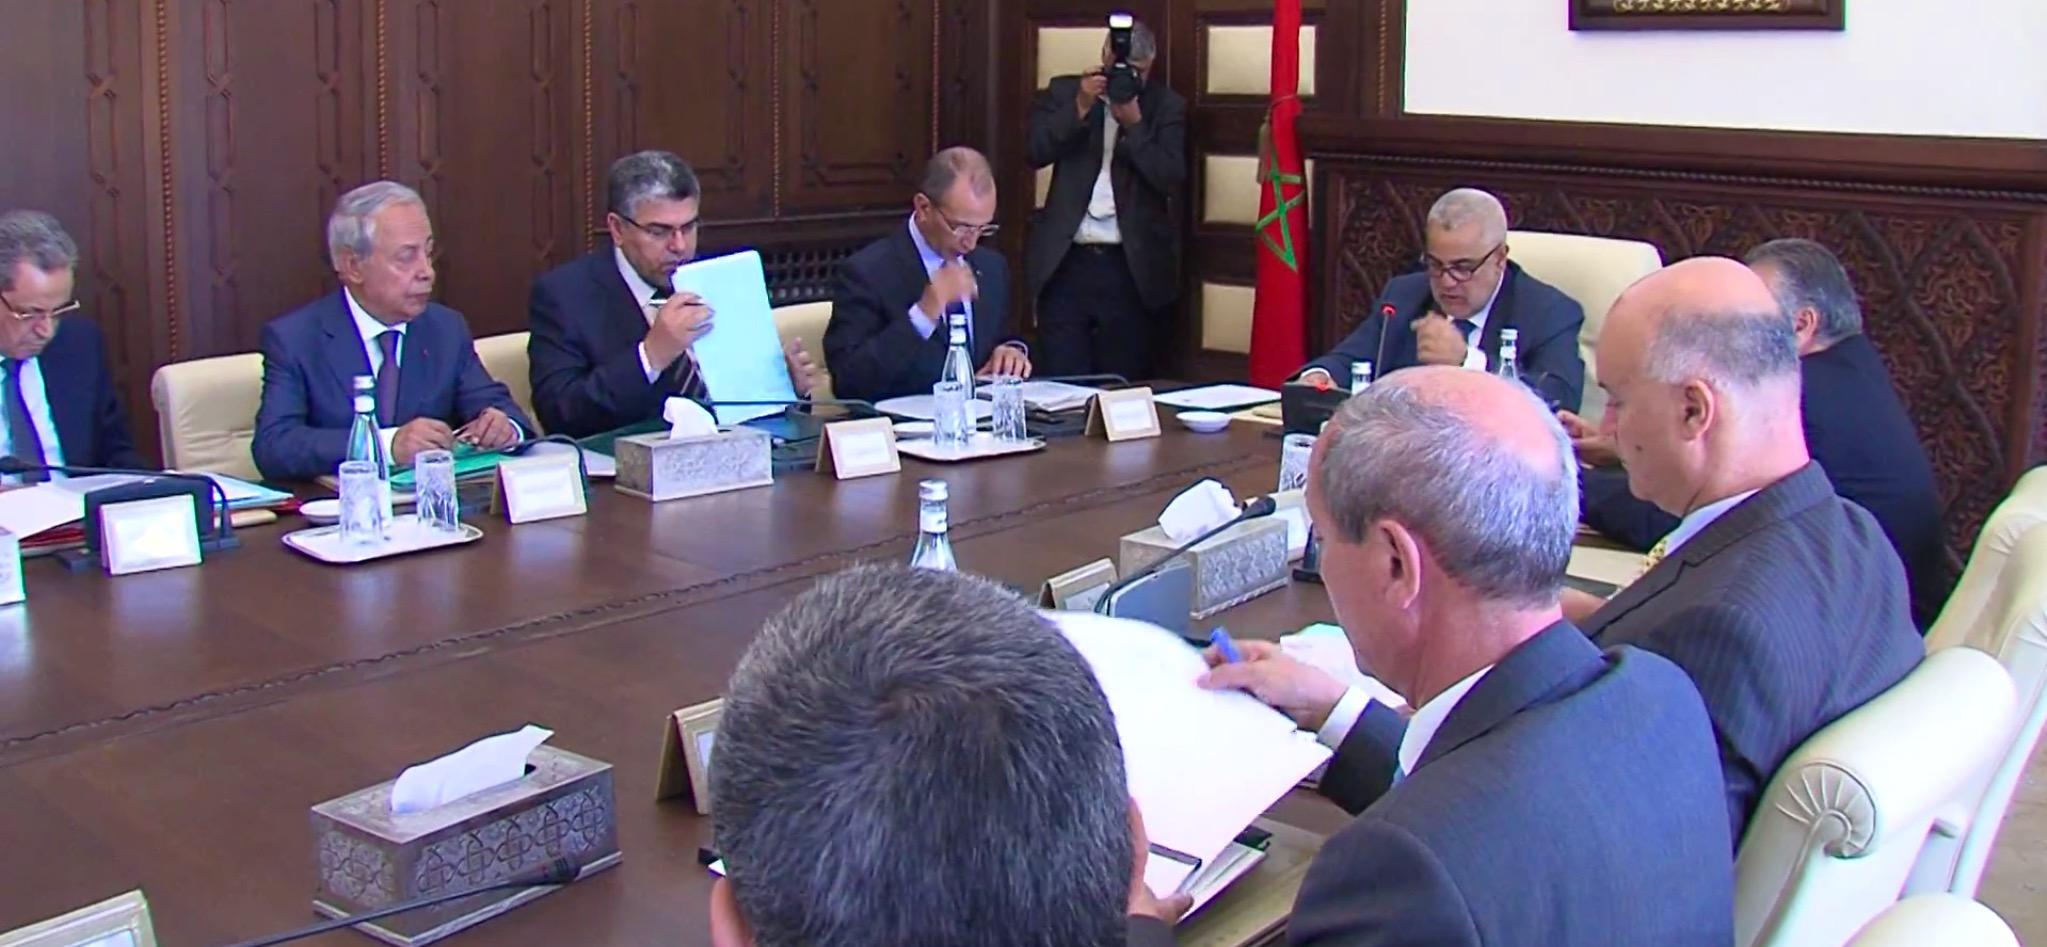 مجلس الحكومة يصادق على قانون تعيين ممثلي الادارة في مجلس ادارة صندوق الموثقين